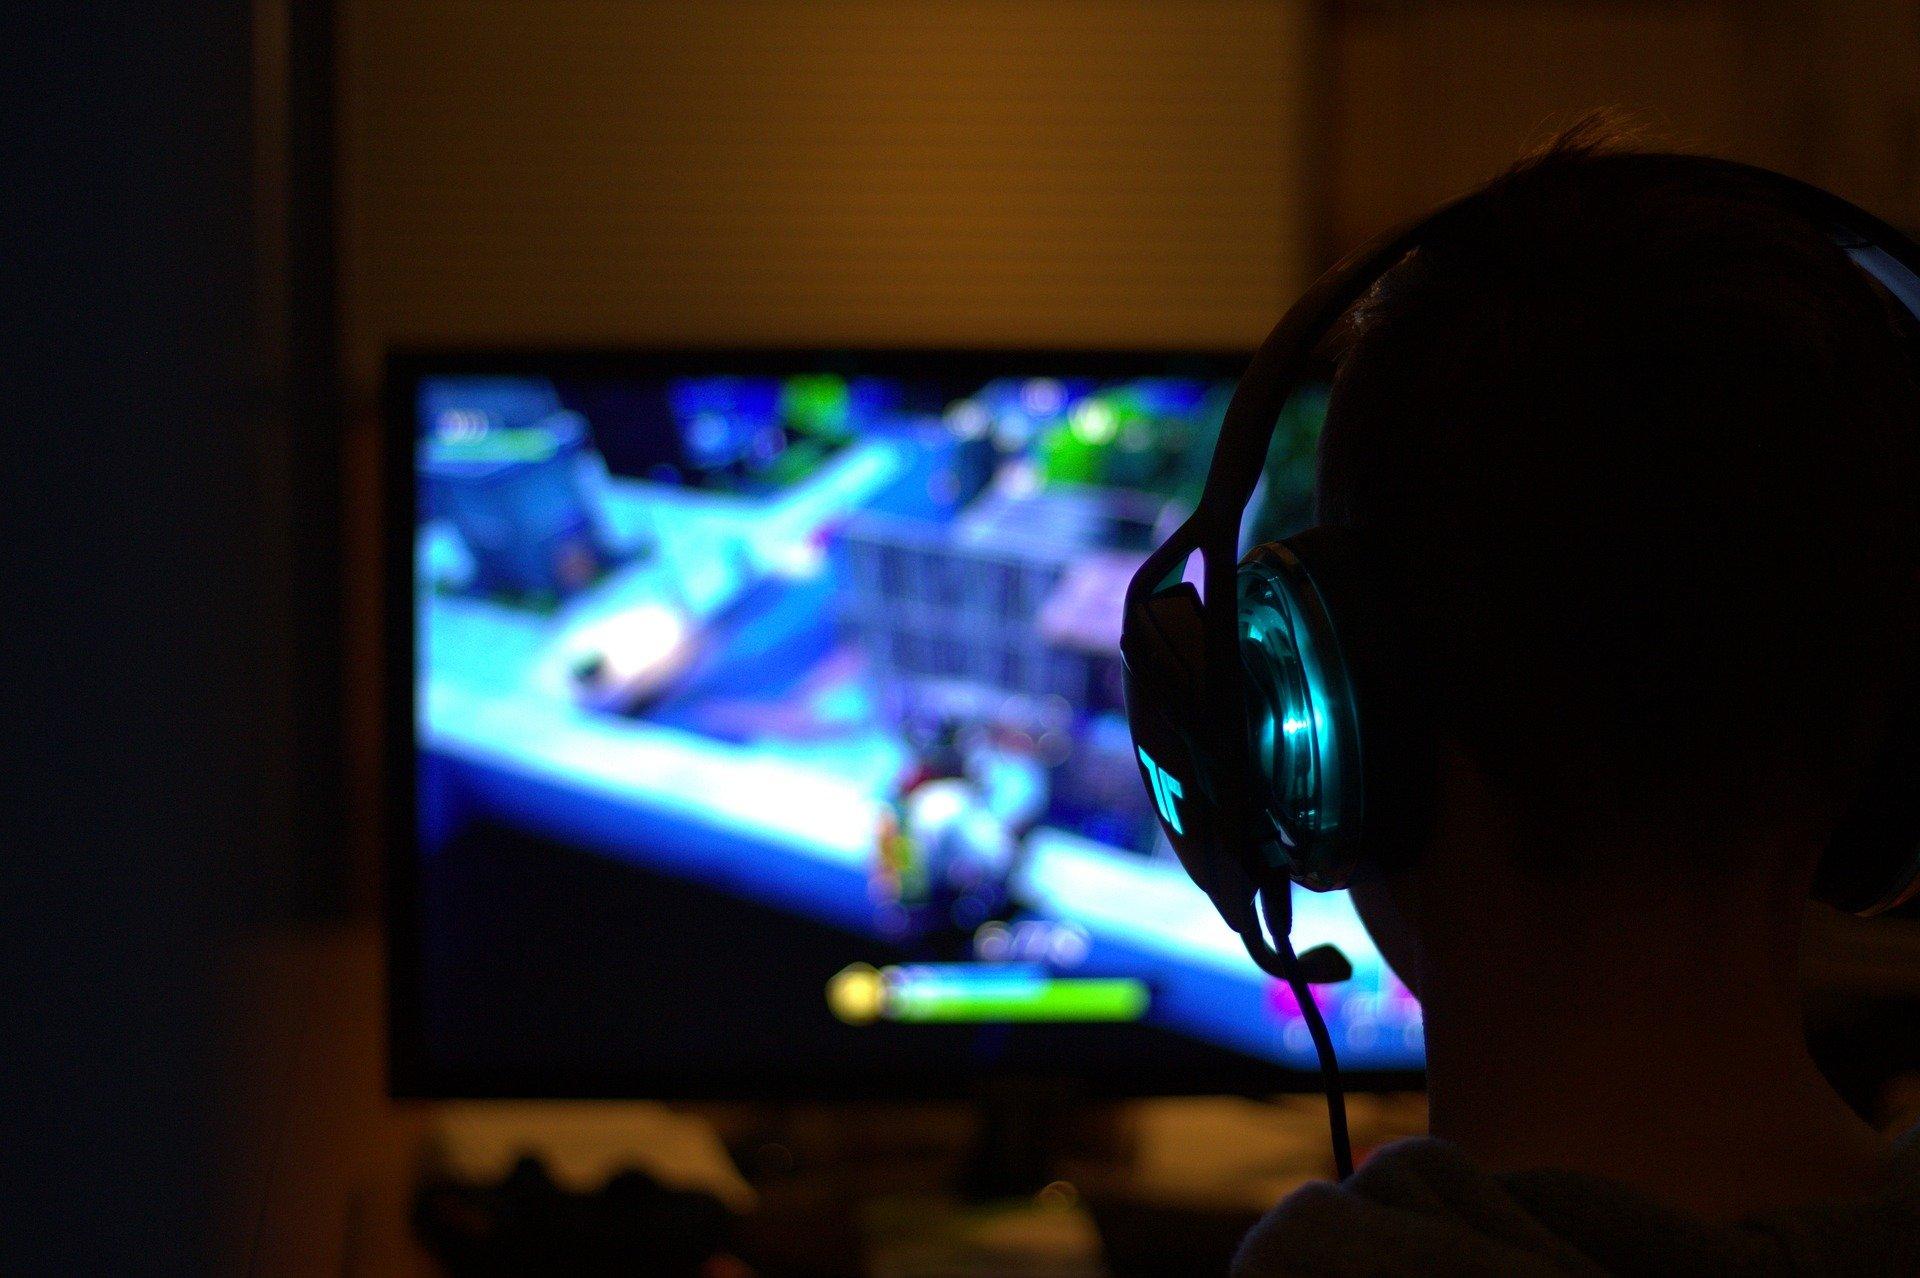 mężczyzna grający na komputerze w grę komputerową; ma na sobie słuchawki, na ekranie widać rozgrywkę